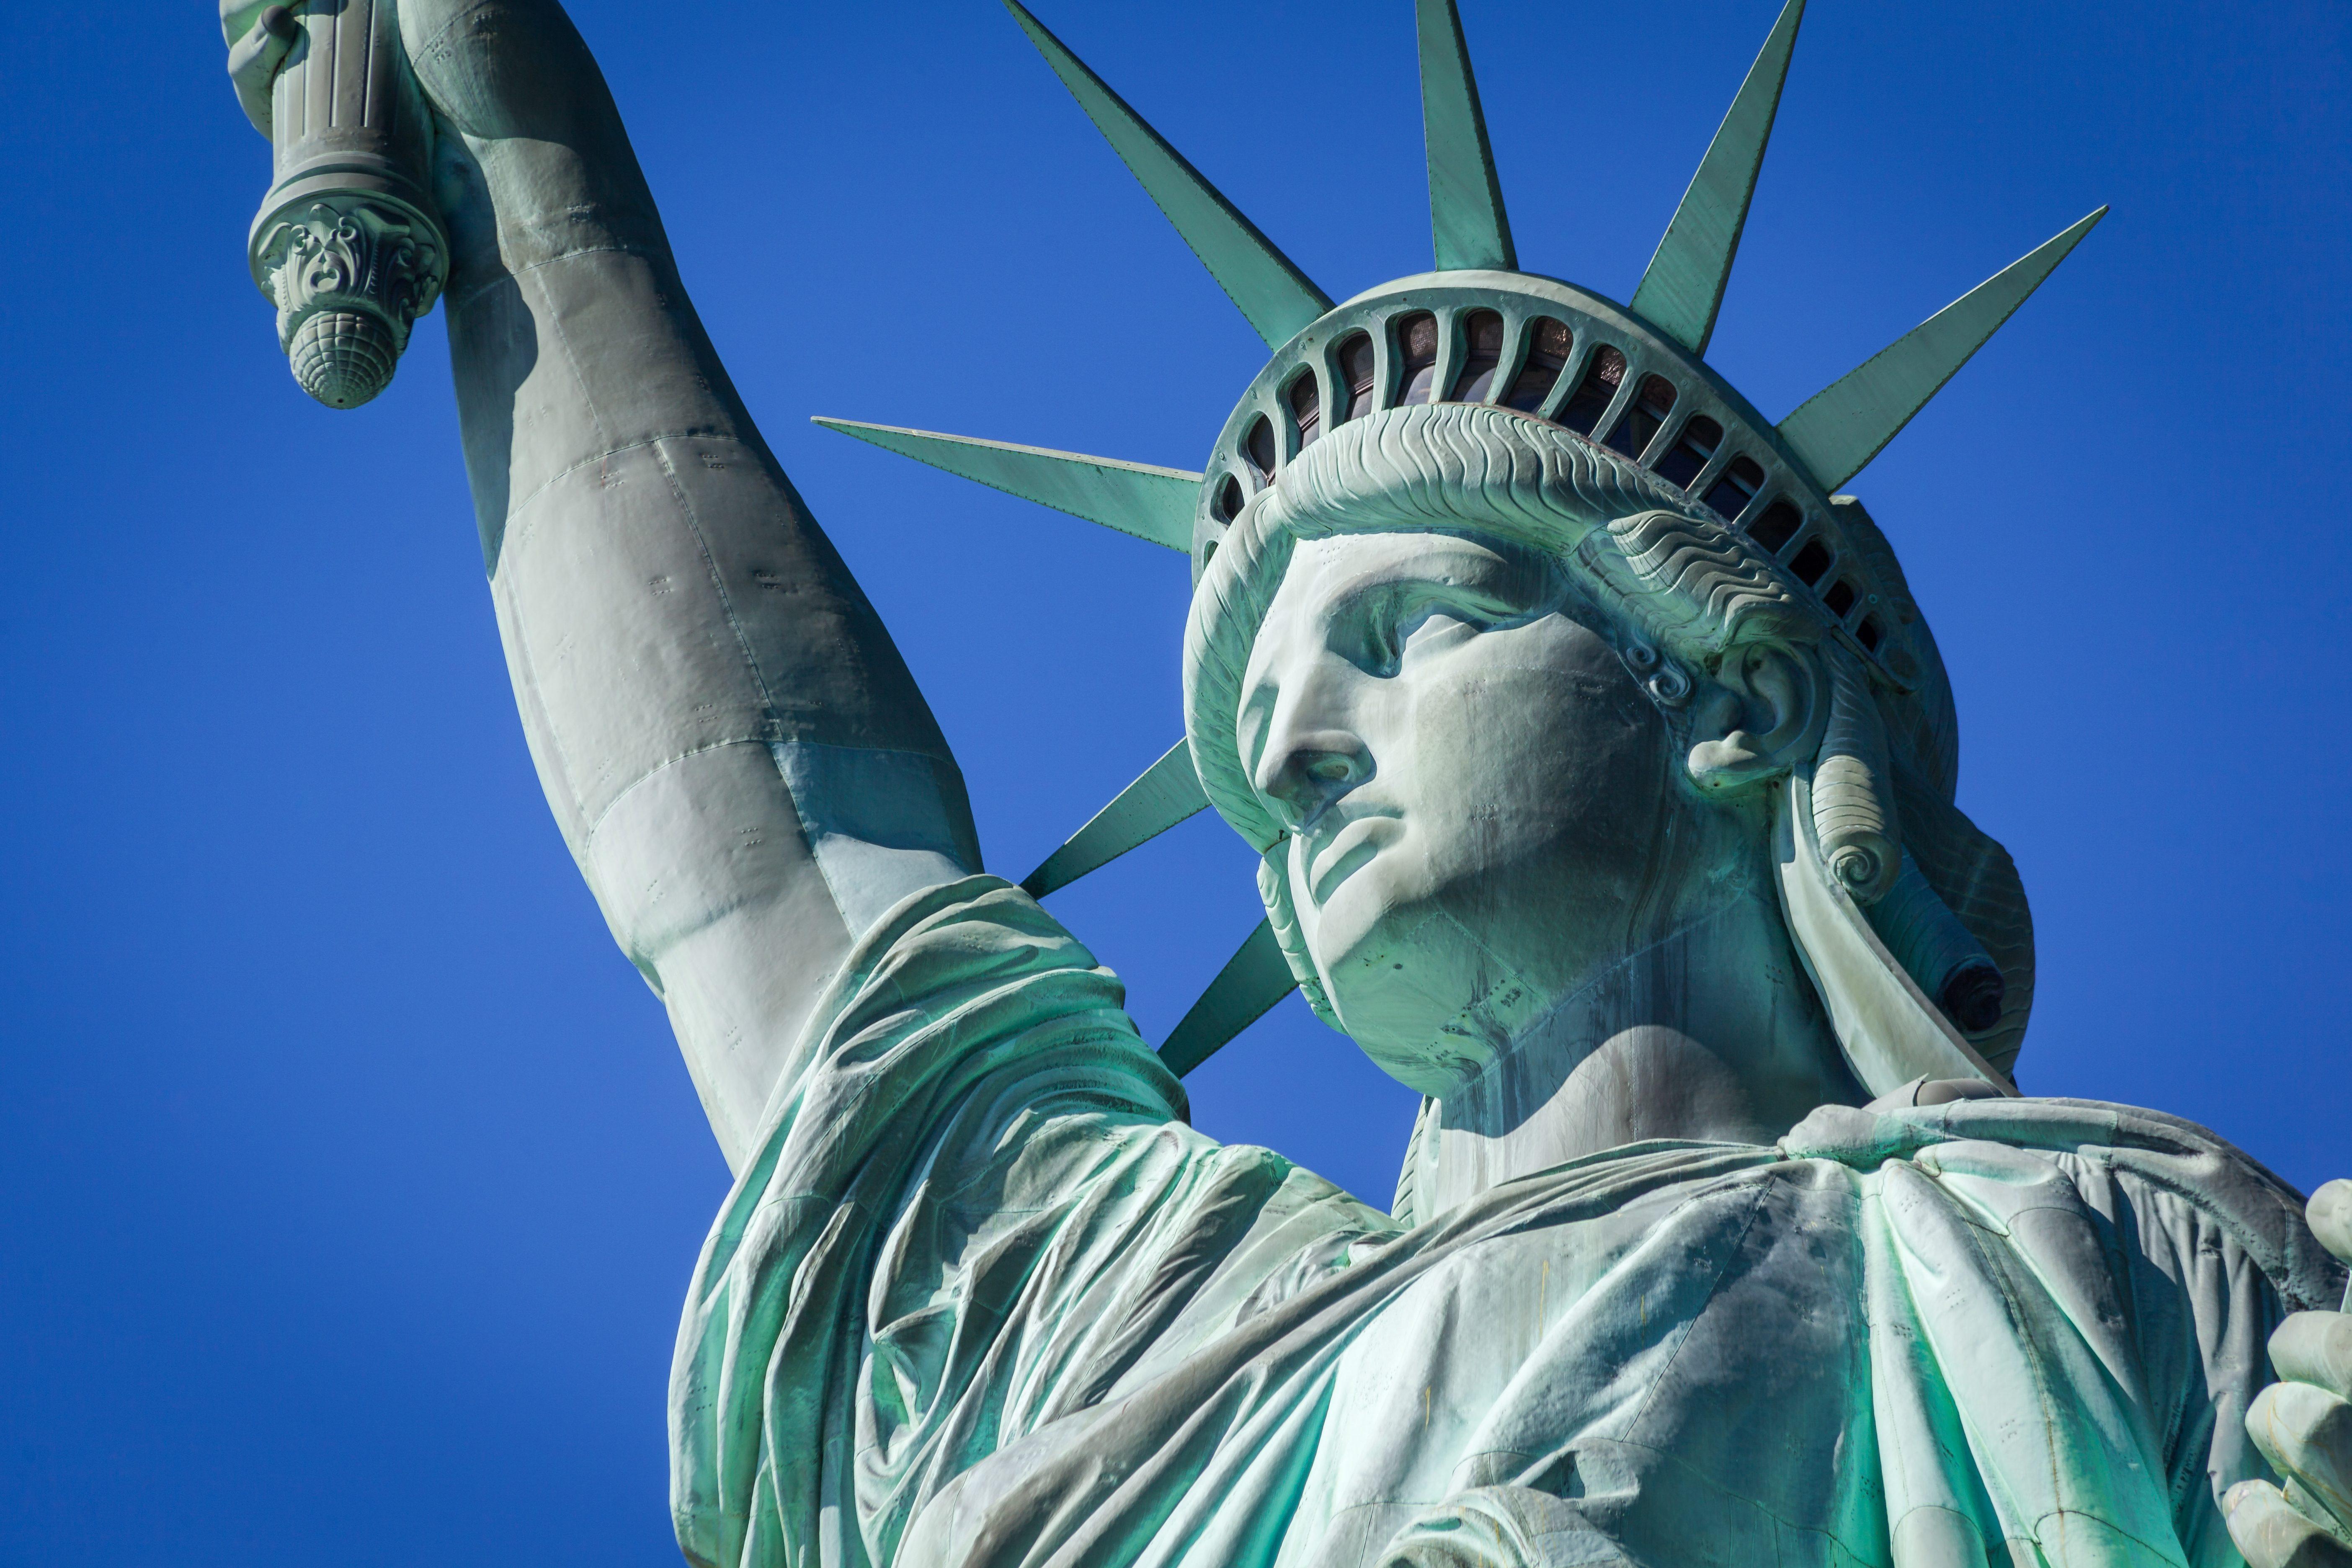 Vlieg voor een prikkie naar New York met deze budgetmaatschappij